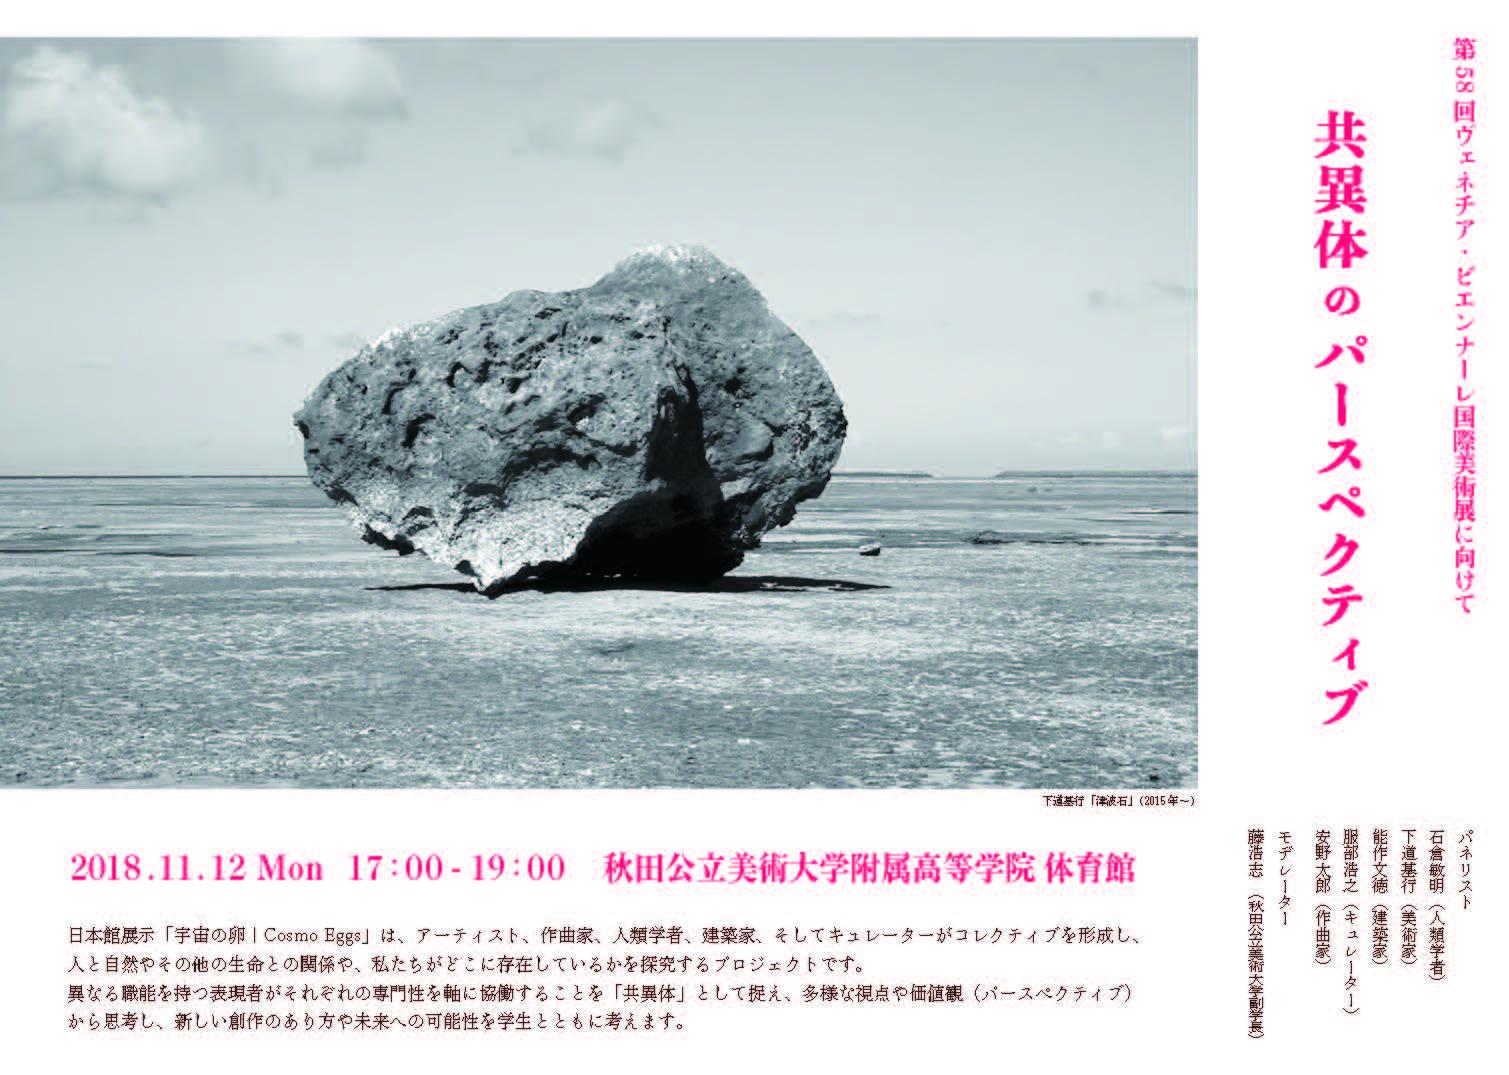 シンポジウム「共異体のパースペクティブ-第58回ヴェネチア・ビエンナーレ国際美術展に向けて」